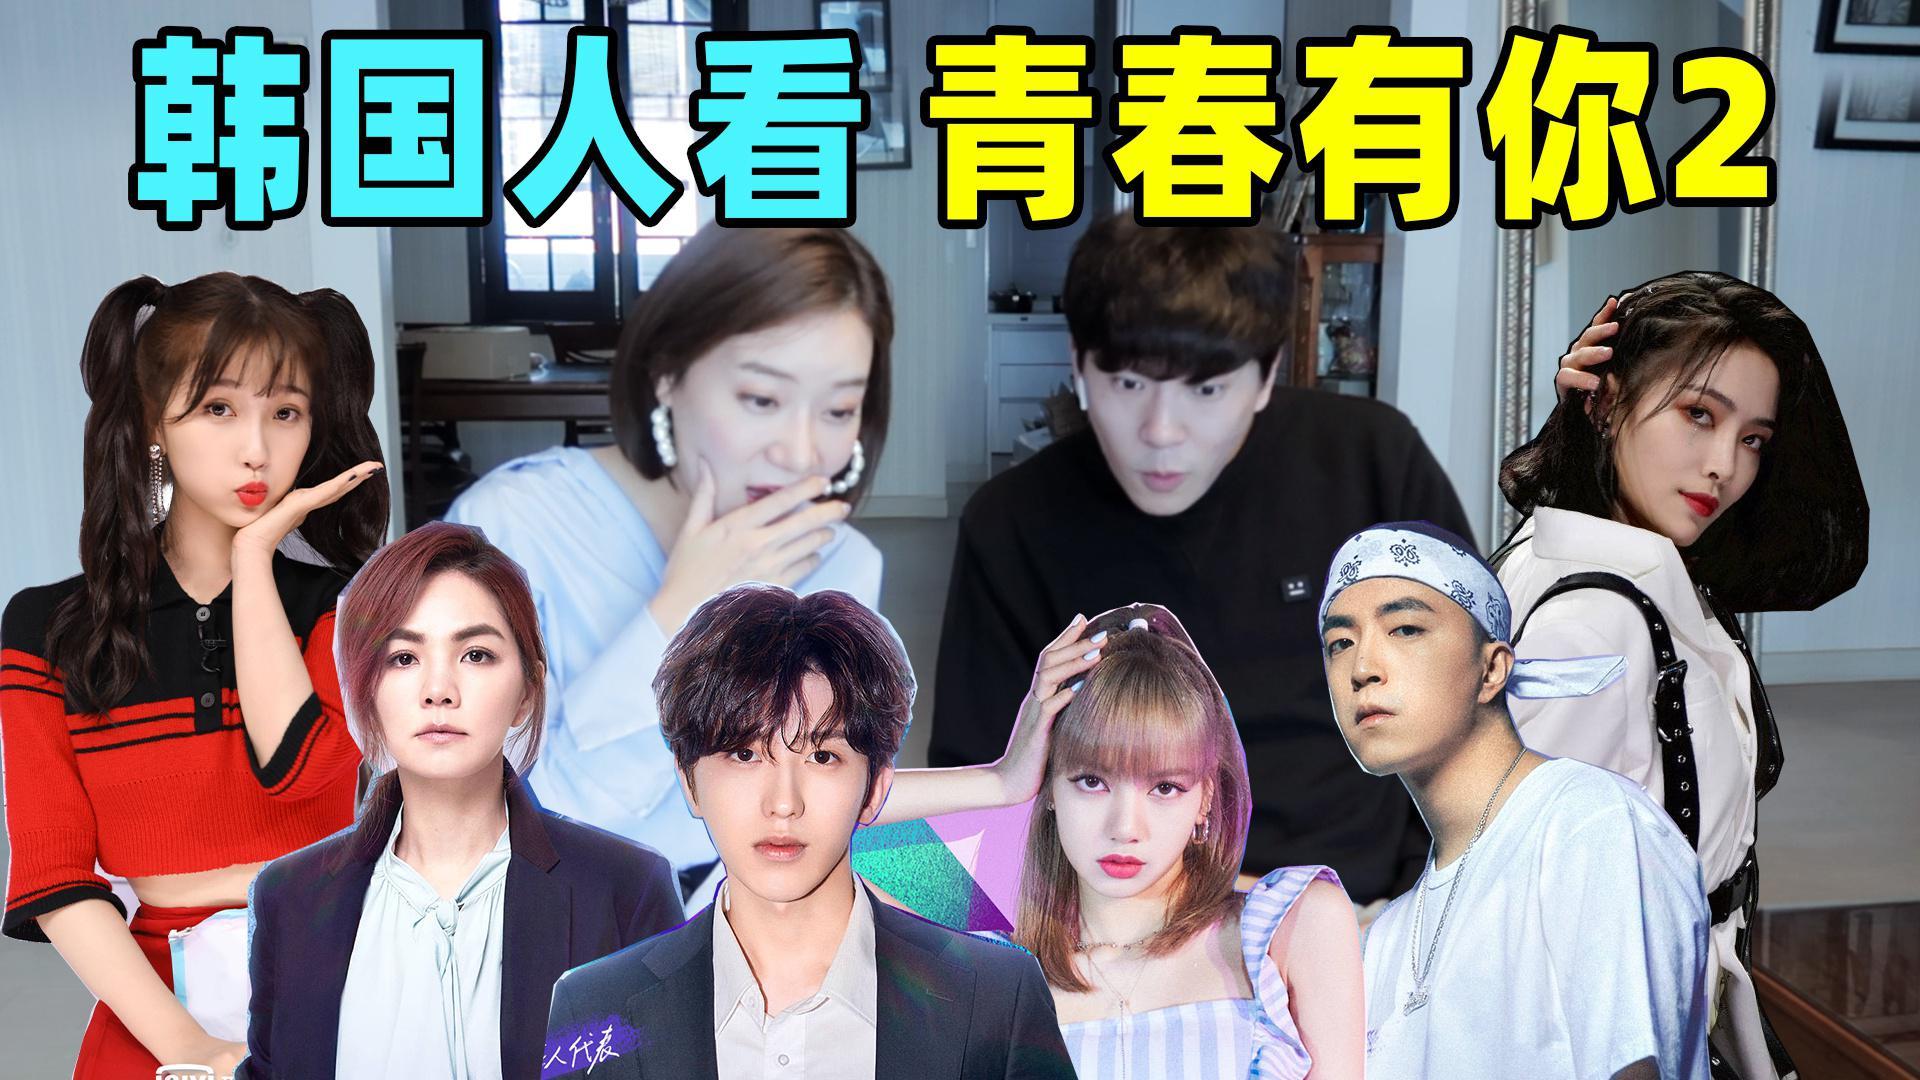 韩国人看《青春有你2》,最受冲击的舞台画面是因为她?